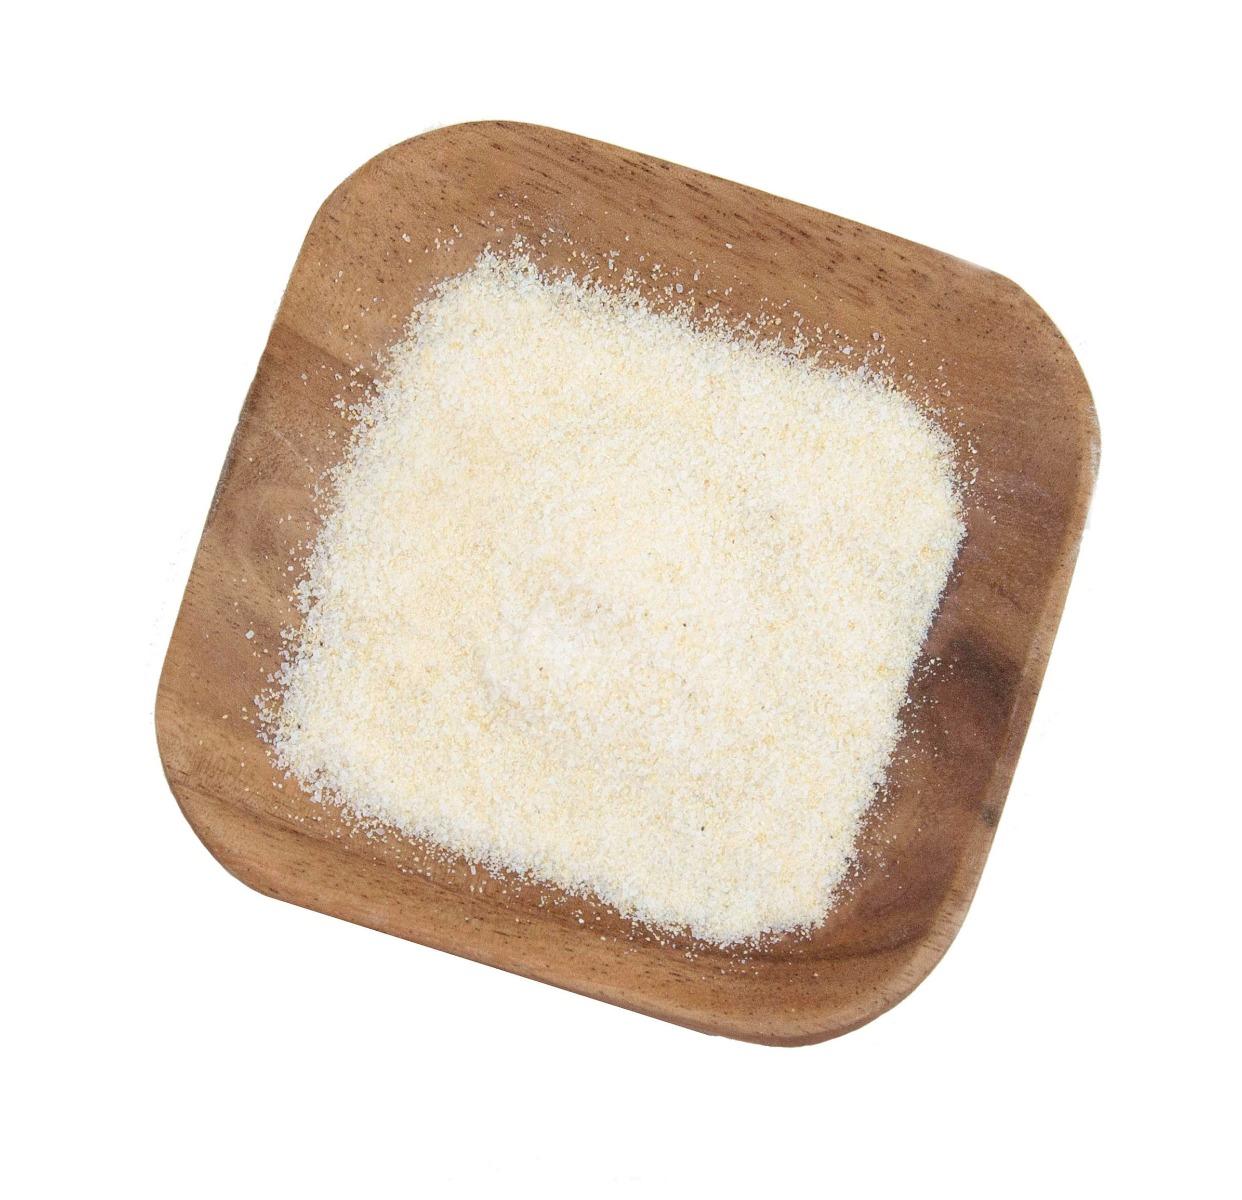 Real • Onion Sea Salt-1002